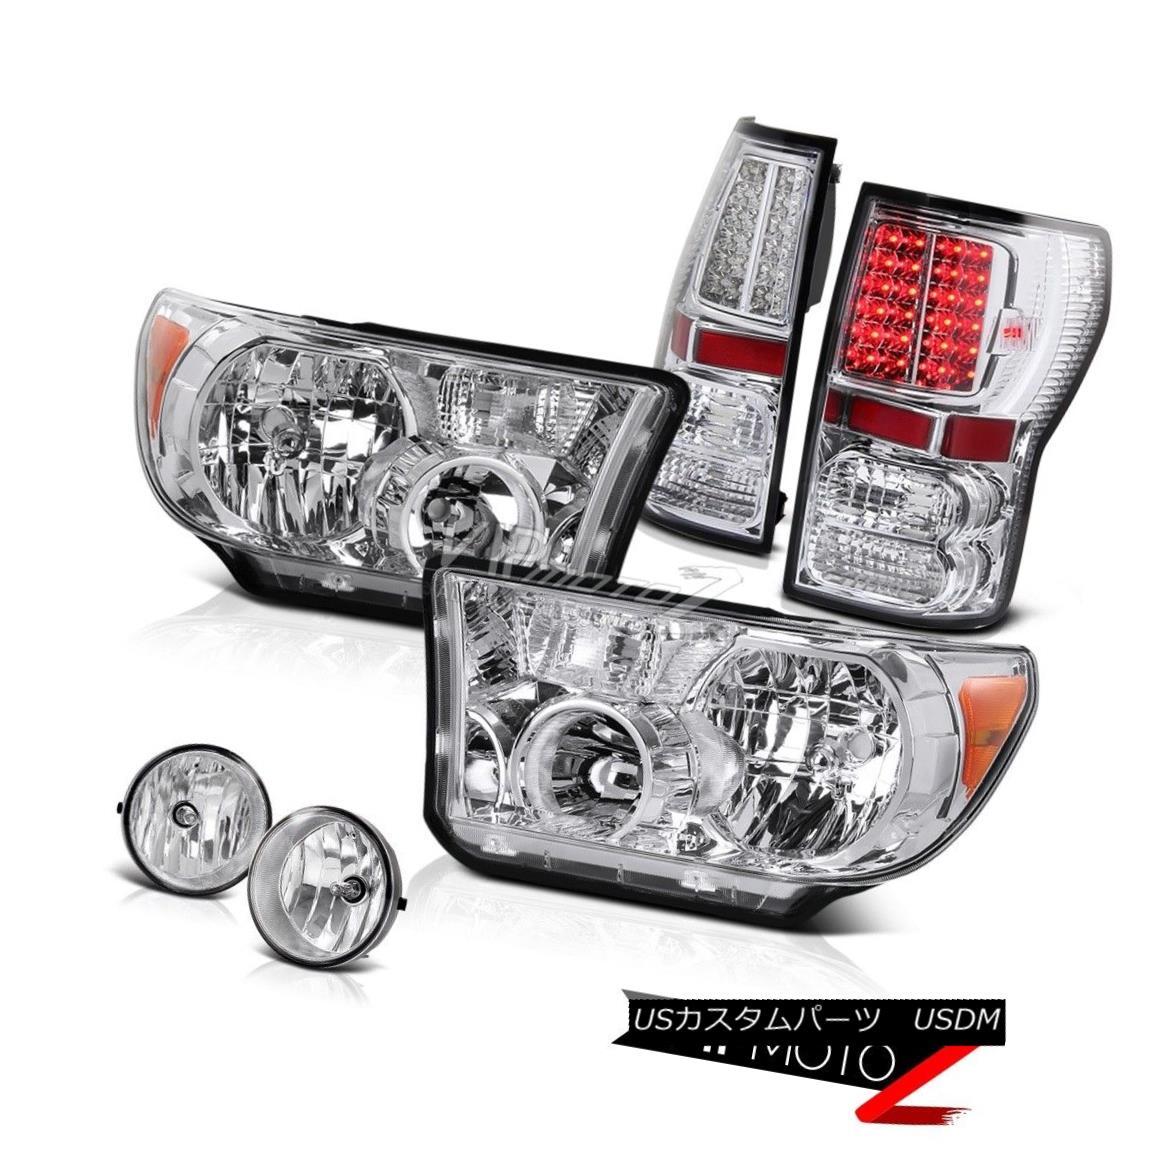 ヘッドライト Crystal Clear L+R Headlamp+Led Tail Light+Fog Lamp Toyota Tundra 07-13 クリスタルクリアL + Rヘッドライト+ Ledテールライト+フォグランターToyota Tundra 07-13